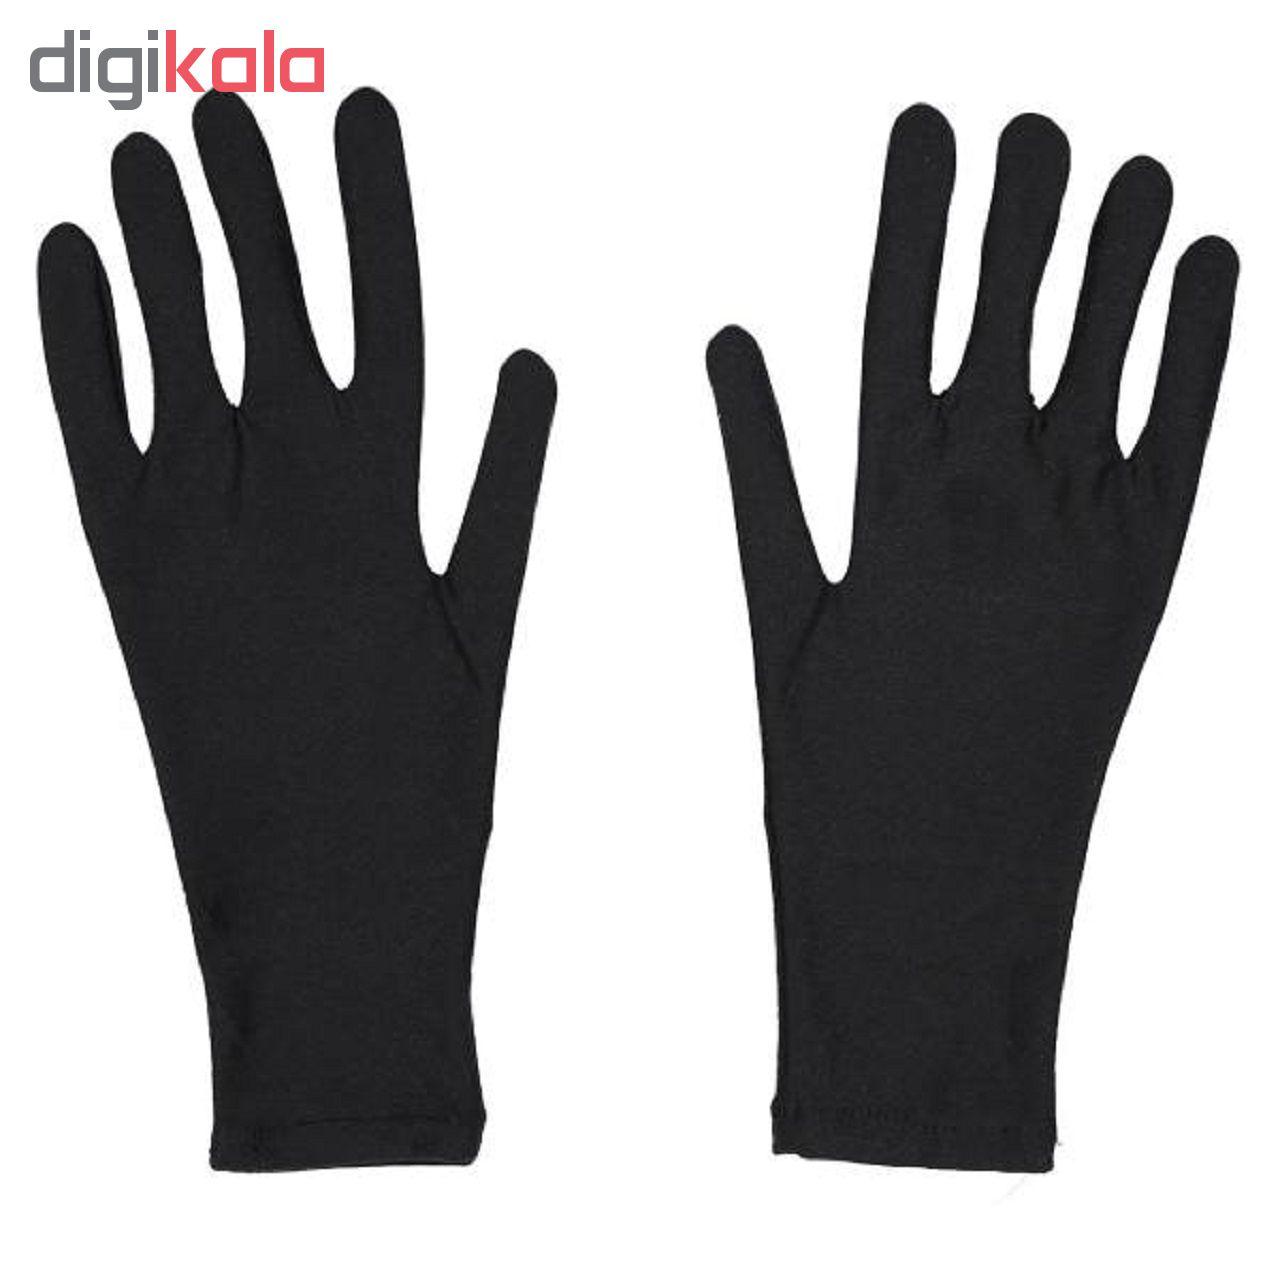 دستکش زنانه کد 8690 main 1 1